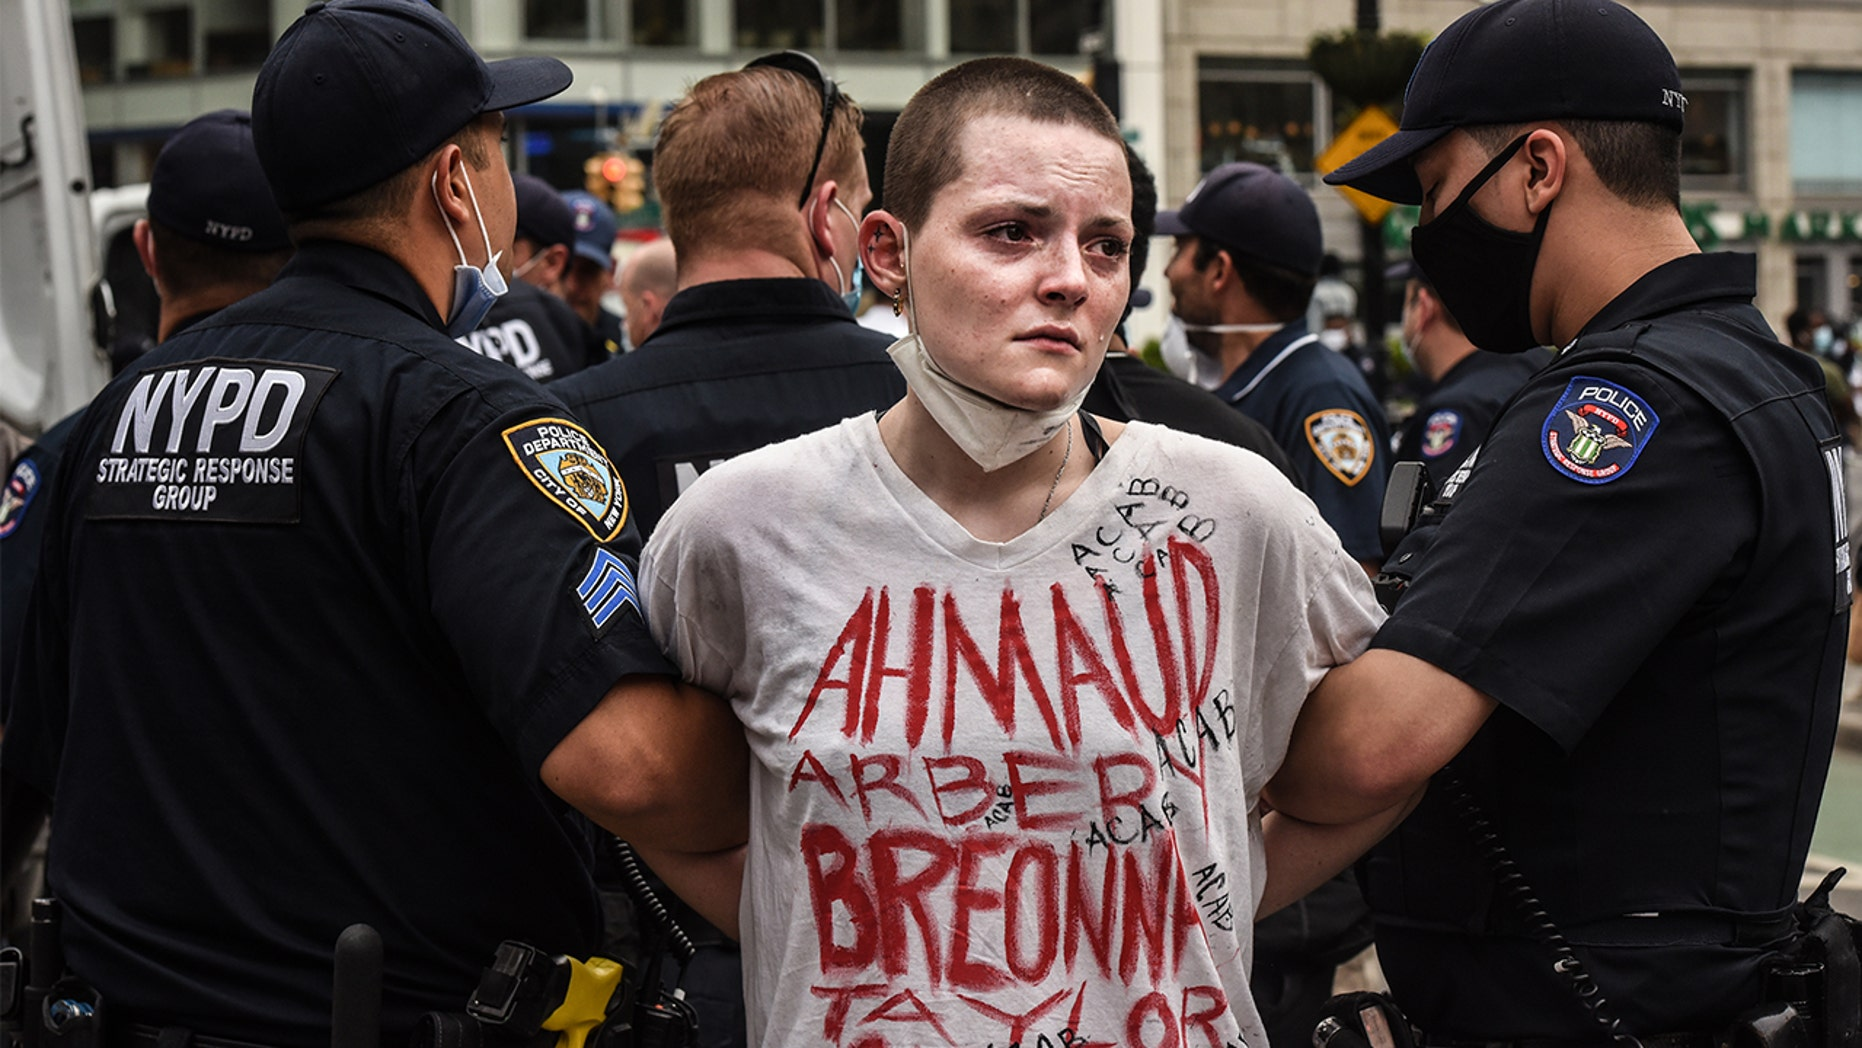 https://a57.foxnews.com/static.foxnews.com/foxnews.com/content/uploads/2020/05/1862/1048/Nyc-Protests-3.jpg